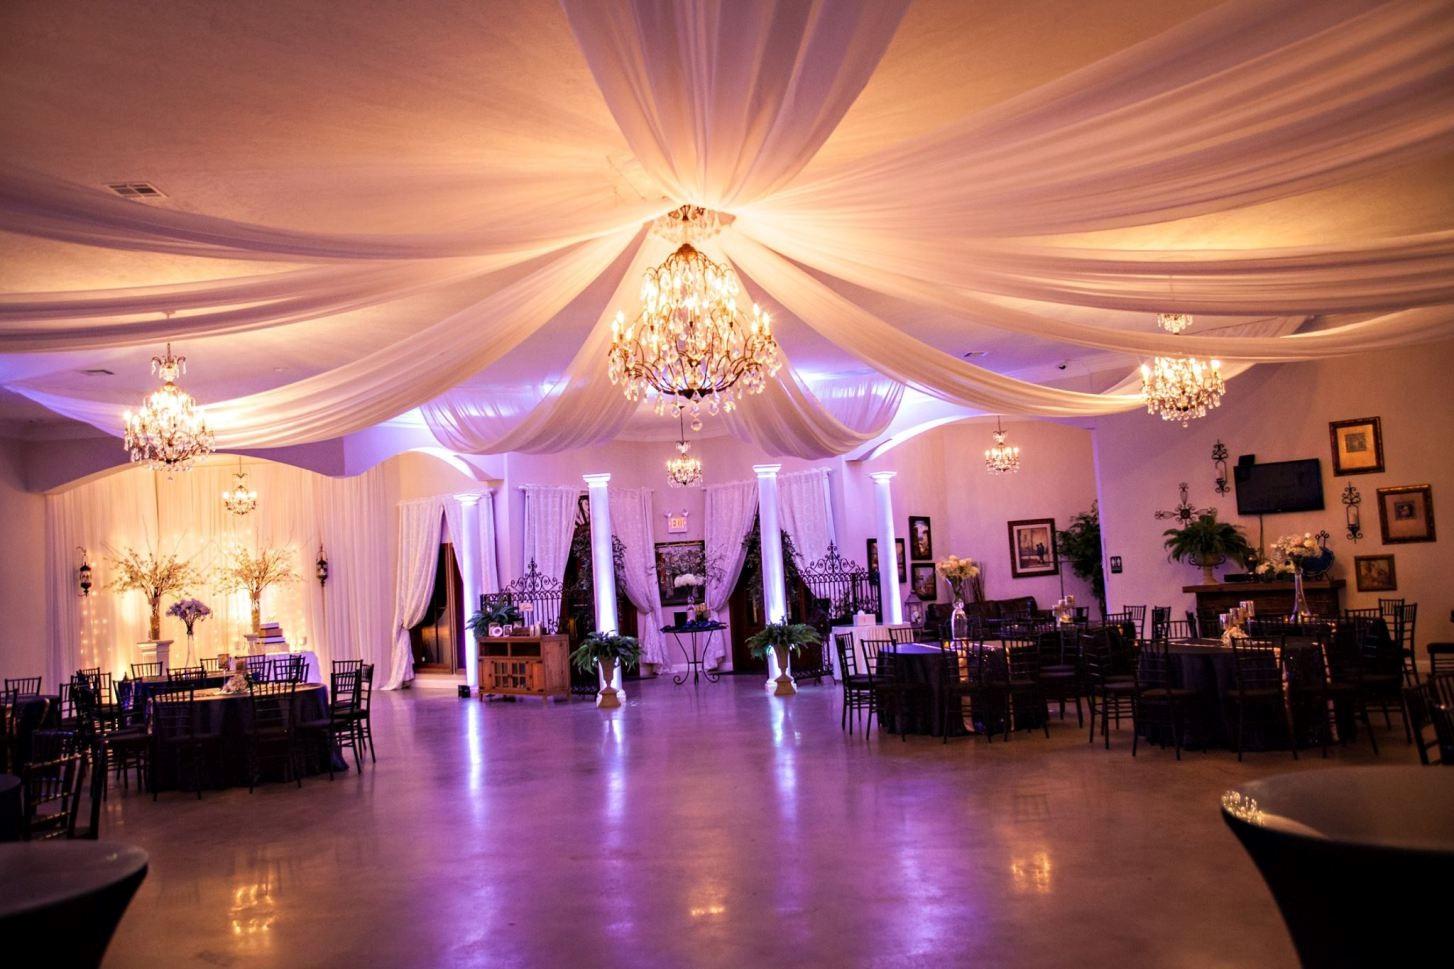 La Belle Venue, Eunice, LA Wedding Venue